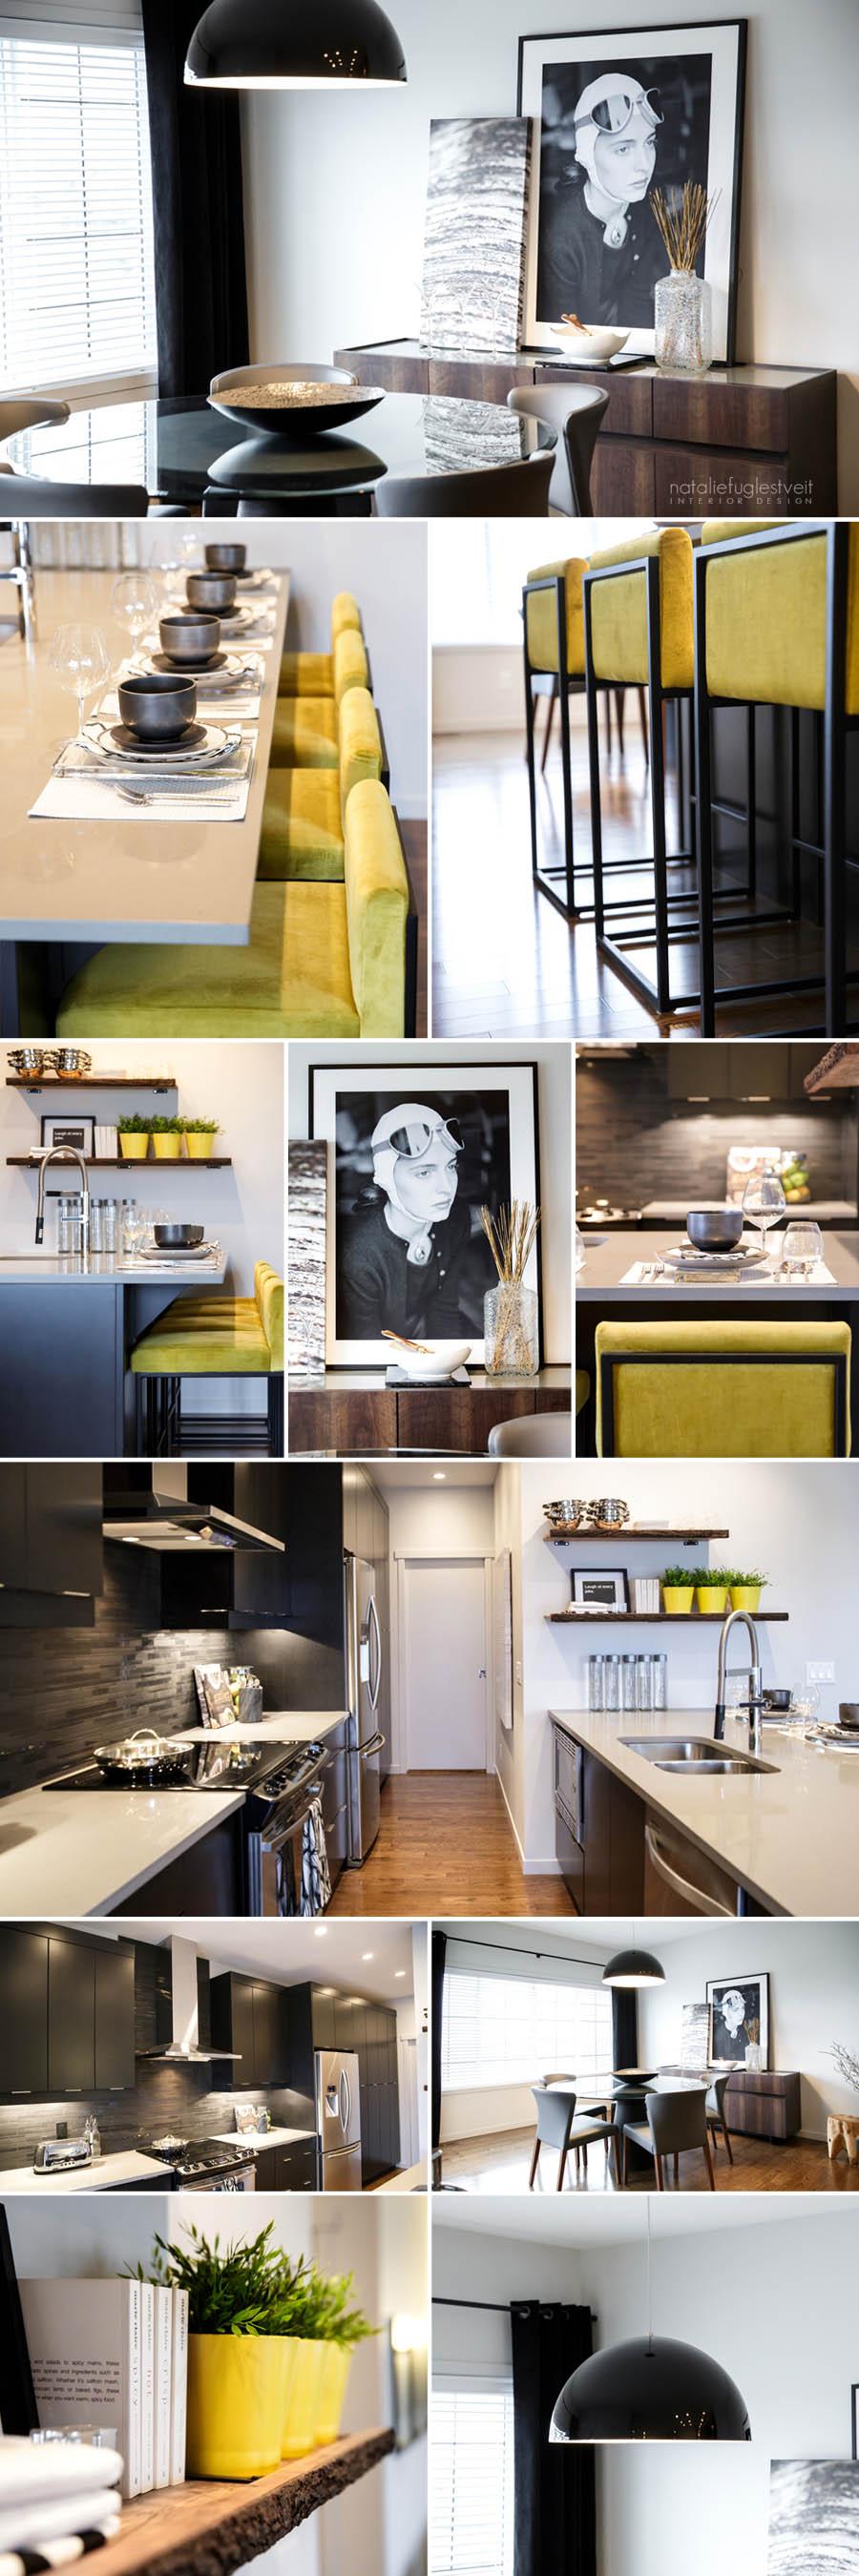 Kitchen Dining Interior Design: Rustic Modern Kitchen & Dining Rm By Calgary Interior